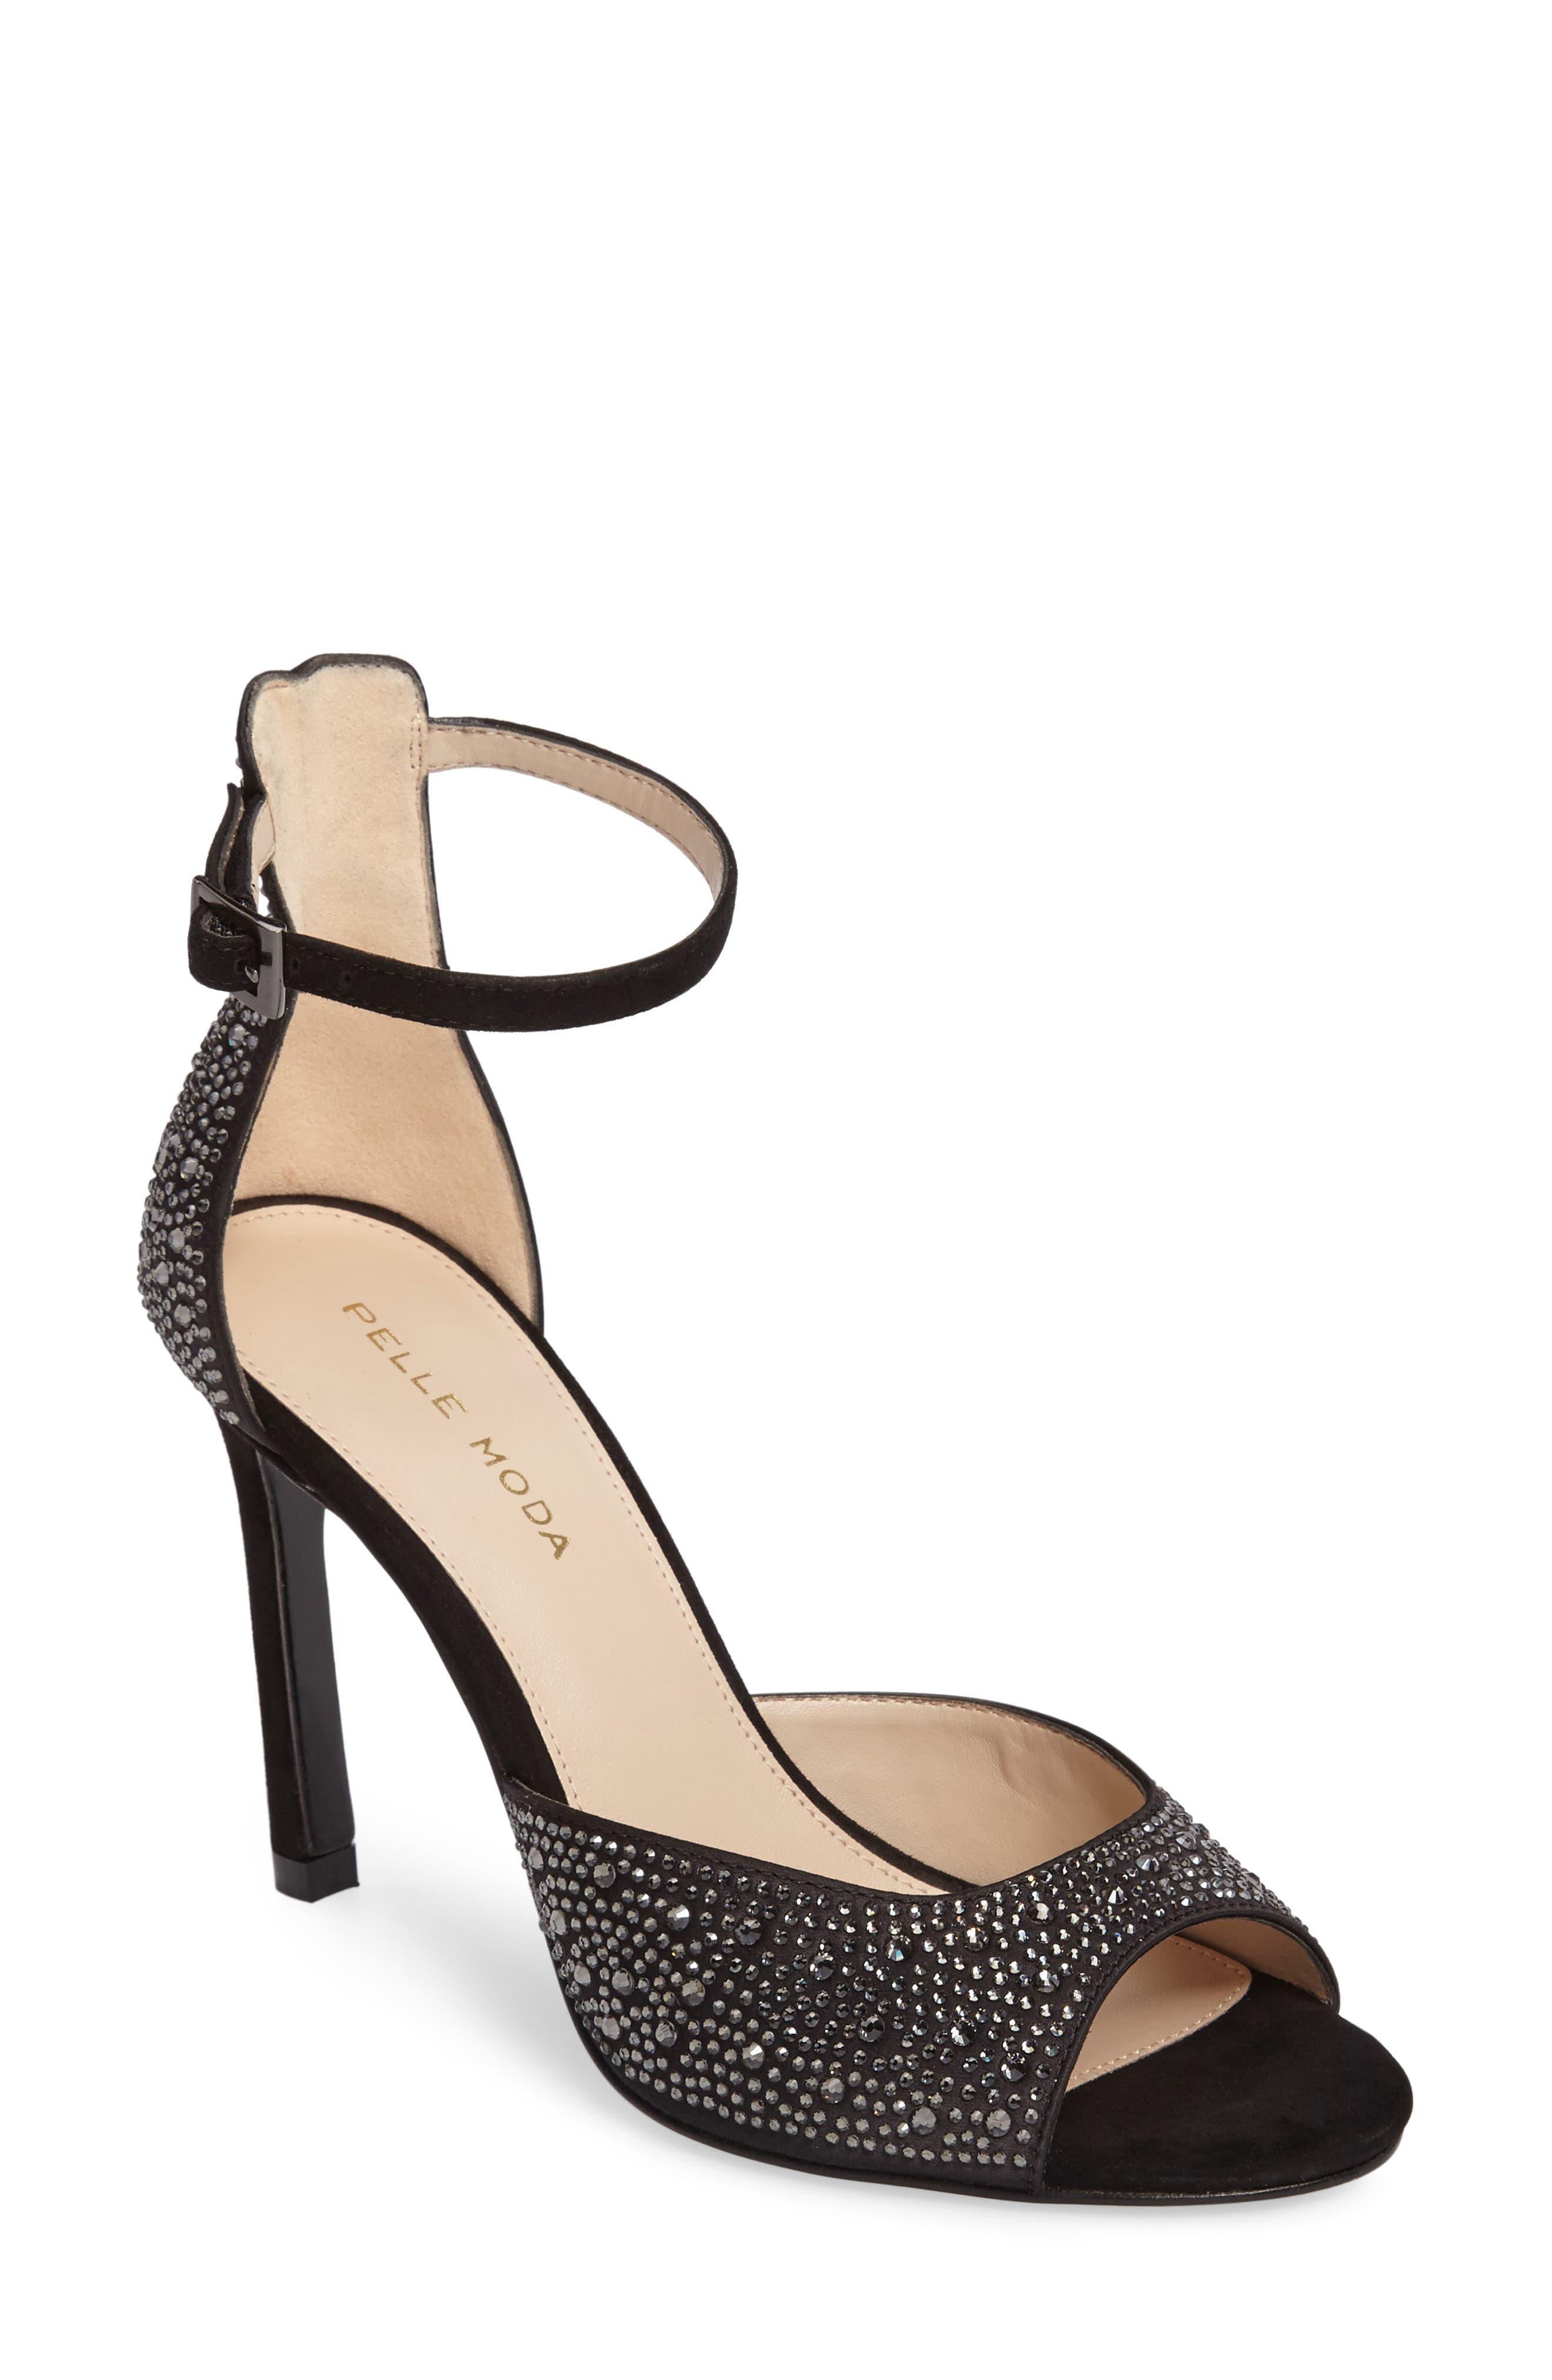 Crystal Embellished Ankle Strap Sandal,                             Main thumbnail 1, color,                             001